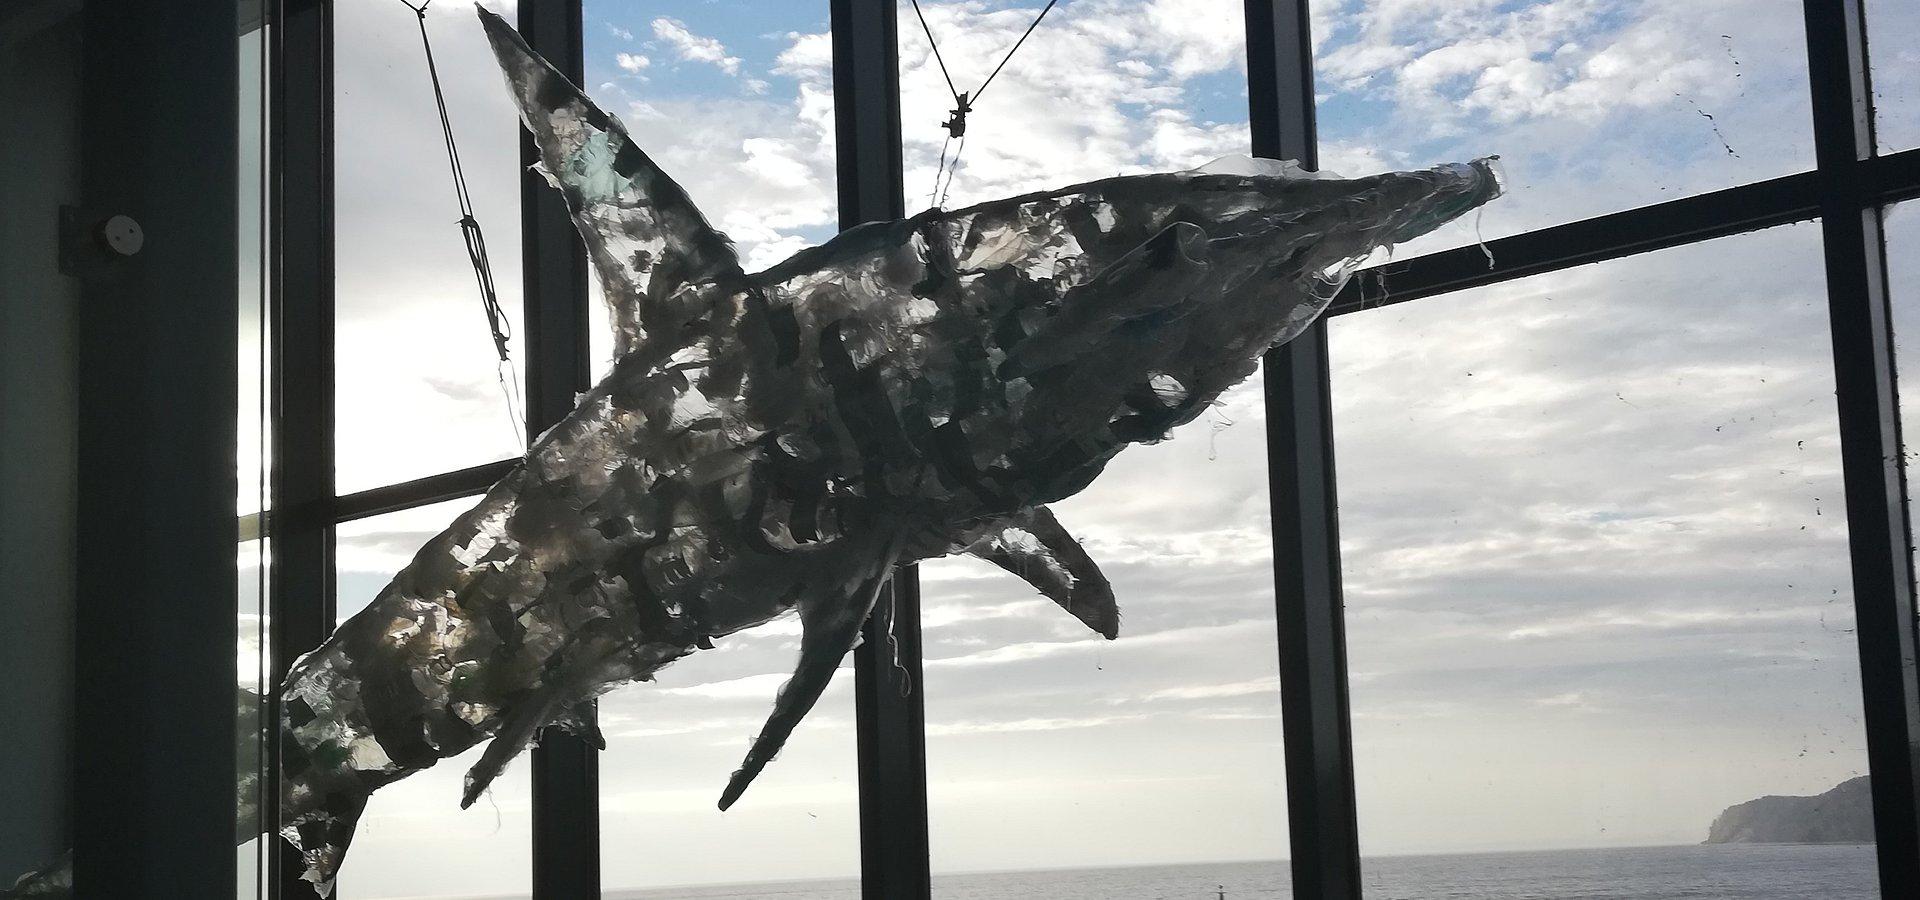 Planeta albo plastik? W Akwarium Gdyńskim na własne oczy możesz zobaczyć, jaki los czeka niewinne zwierzęta, jeśli nie zaczniemy działać